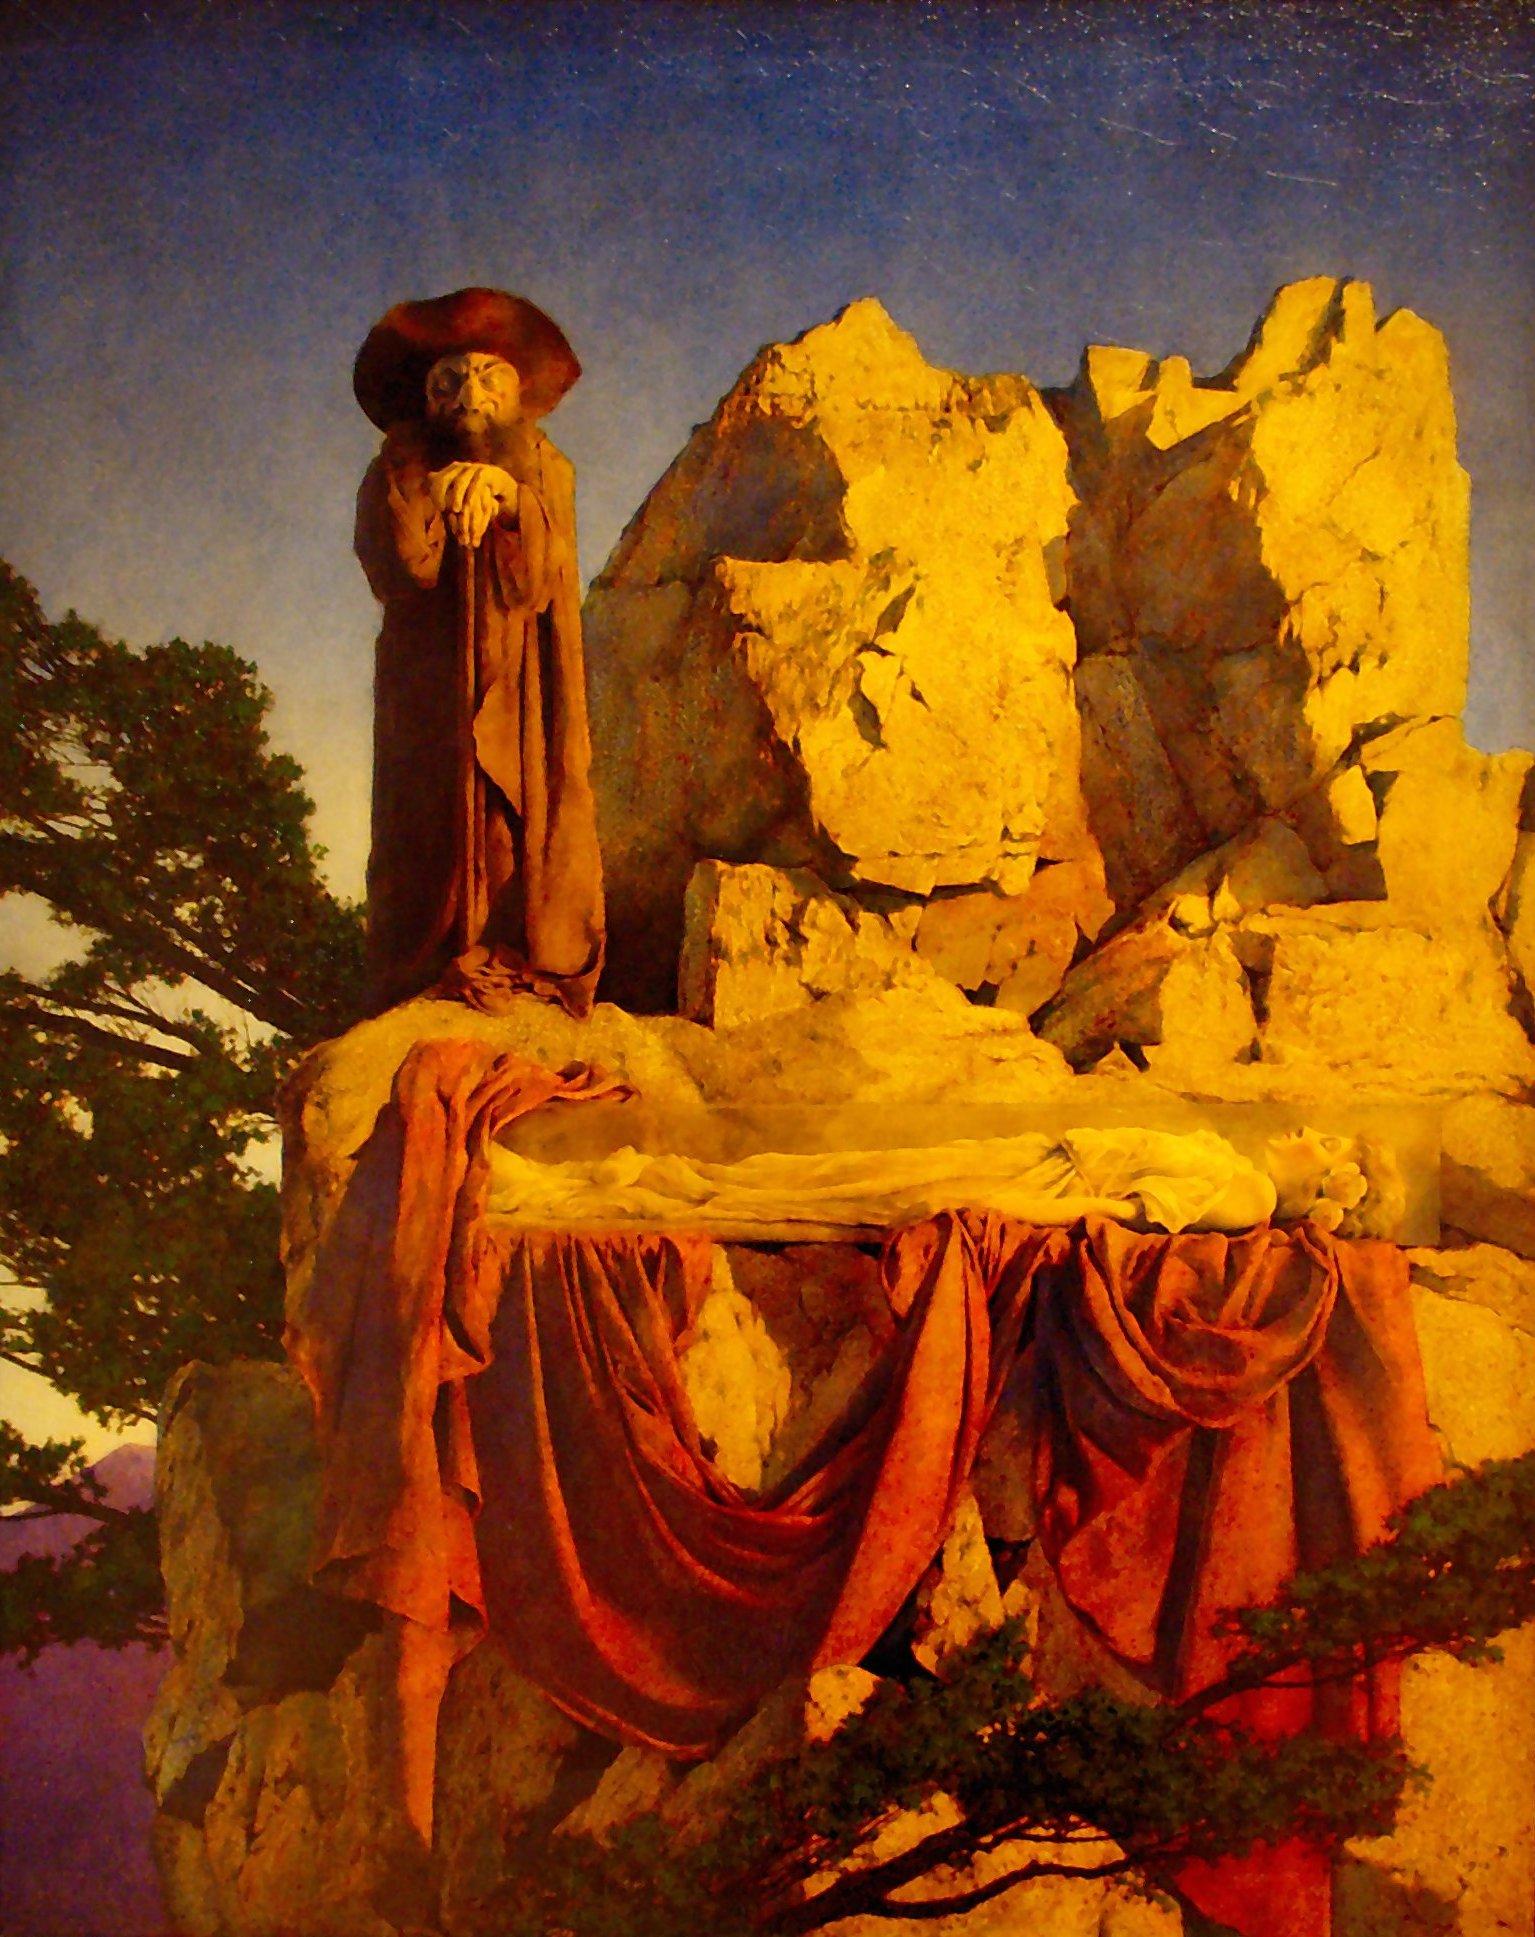 Maxfield Parrish, Blanche Neige, 1912